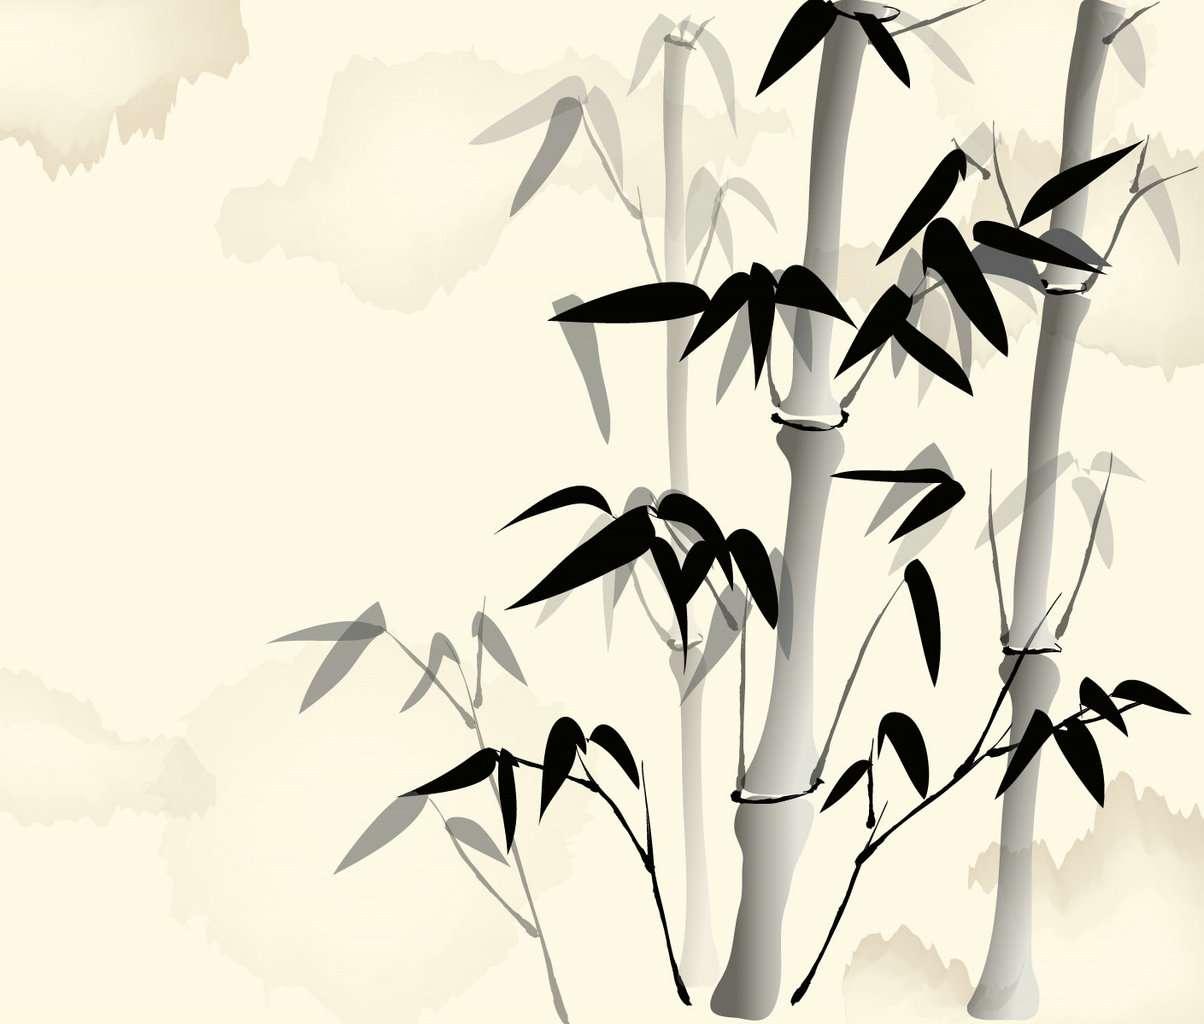 小学生画的山水画图片图片展示_小学生画的山水画 ...